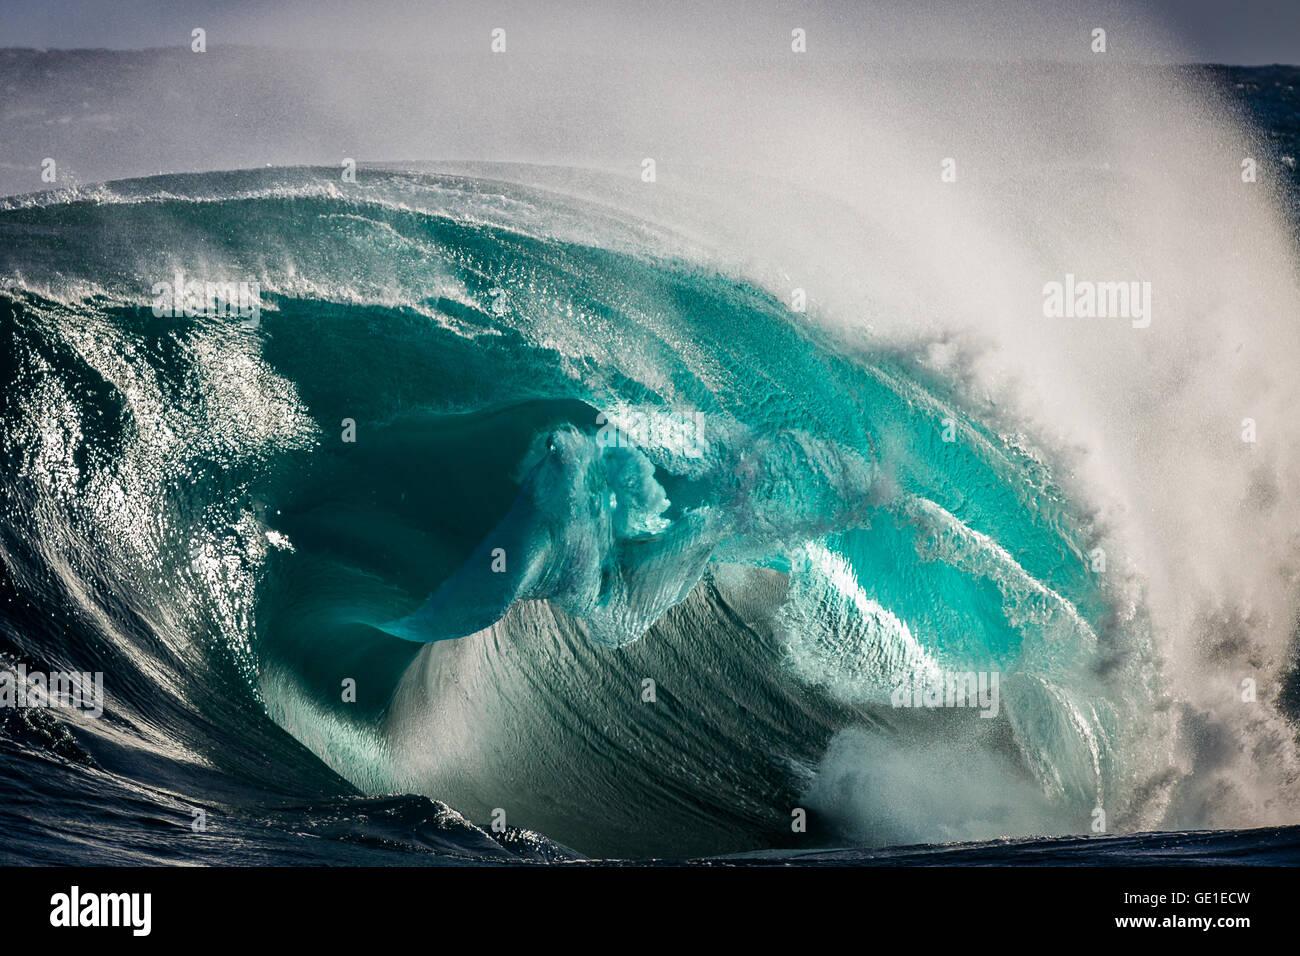 Ola rompiendo en arrecifes someros, Kiama, Australia Imagen De Stock